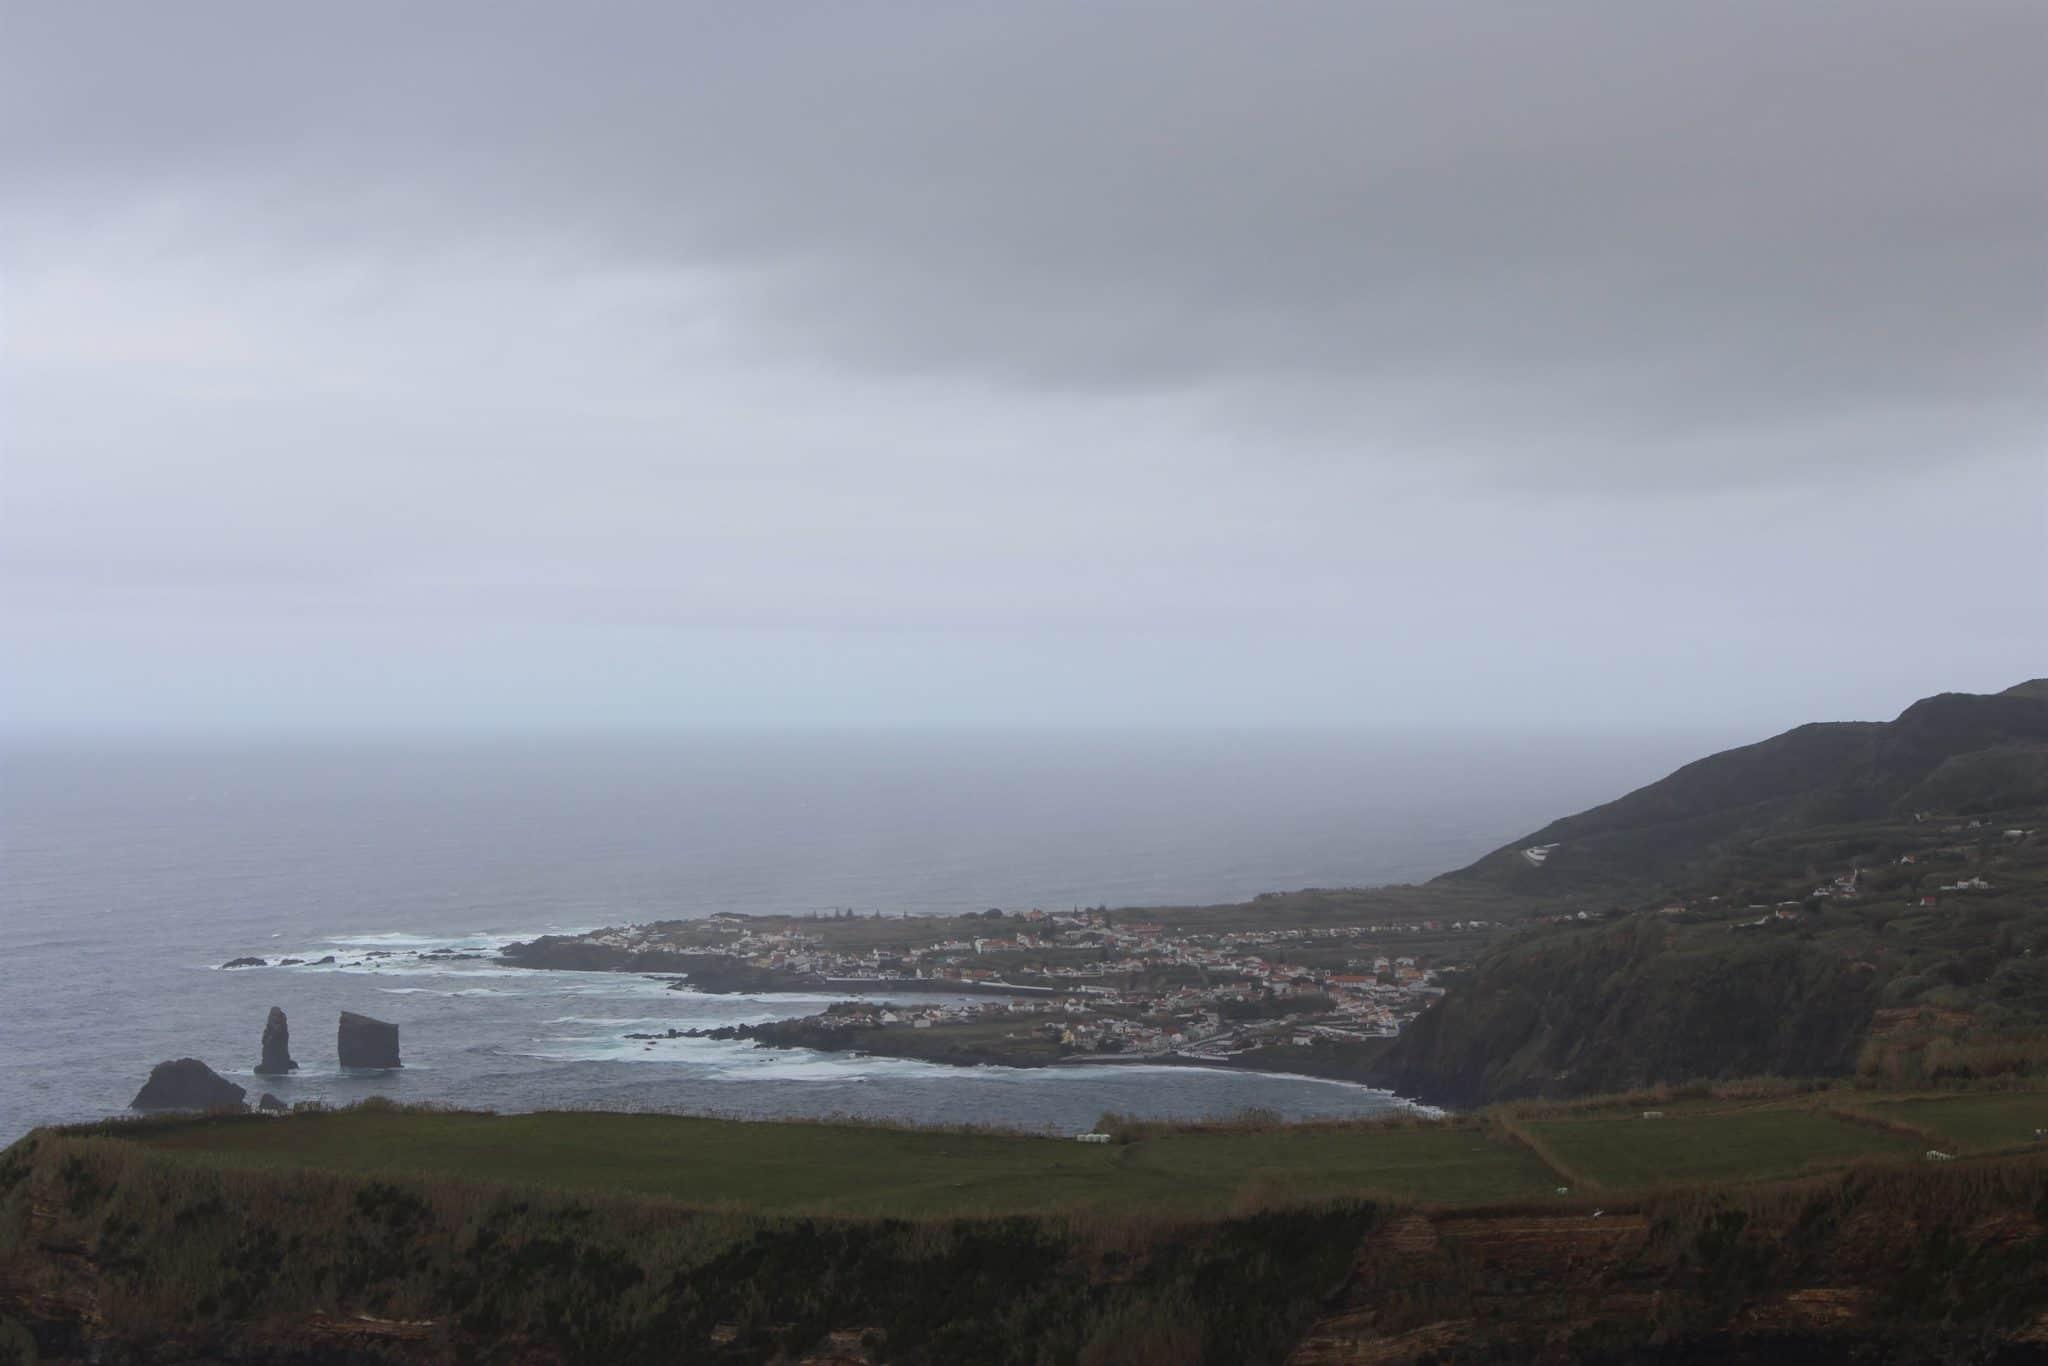 Vista a partir da Ponta do Escalvado, S. Miguel, Açores